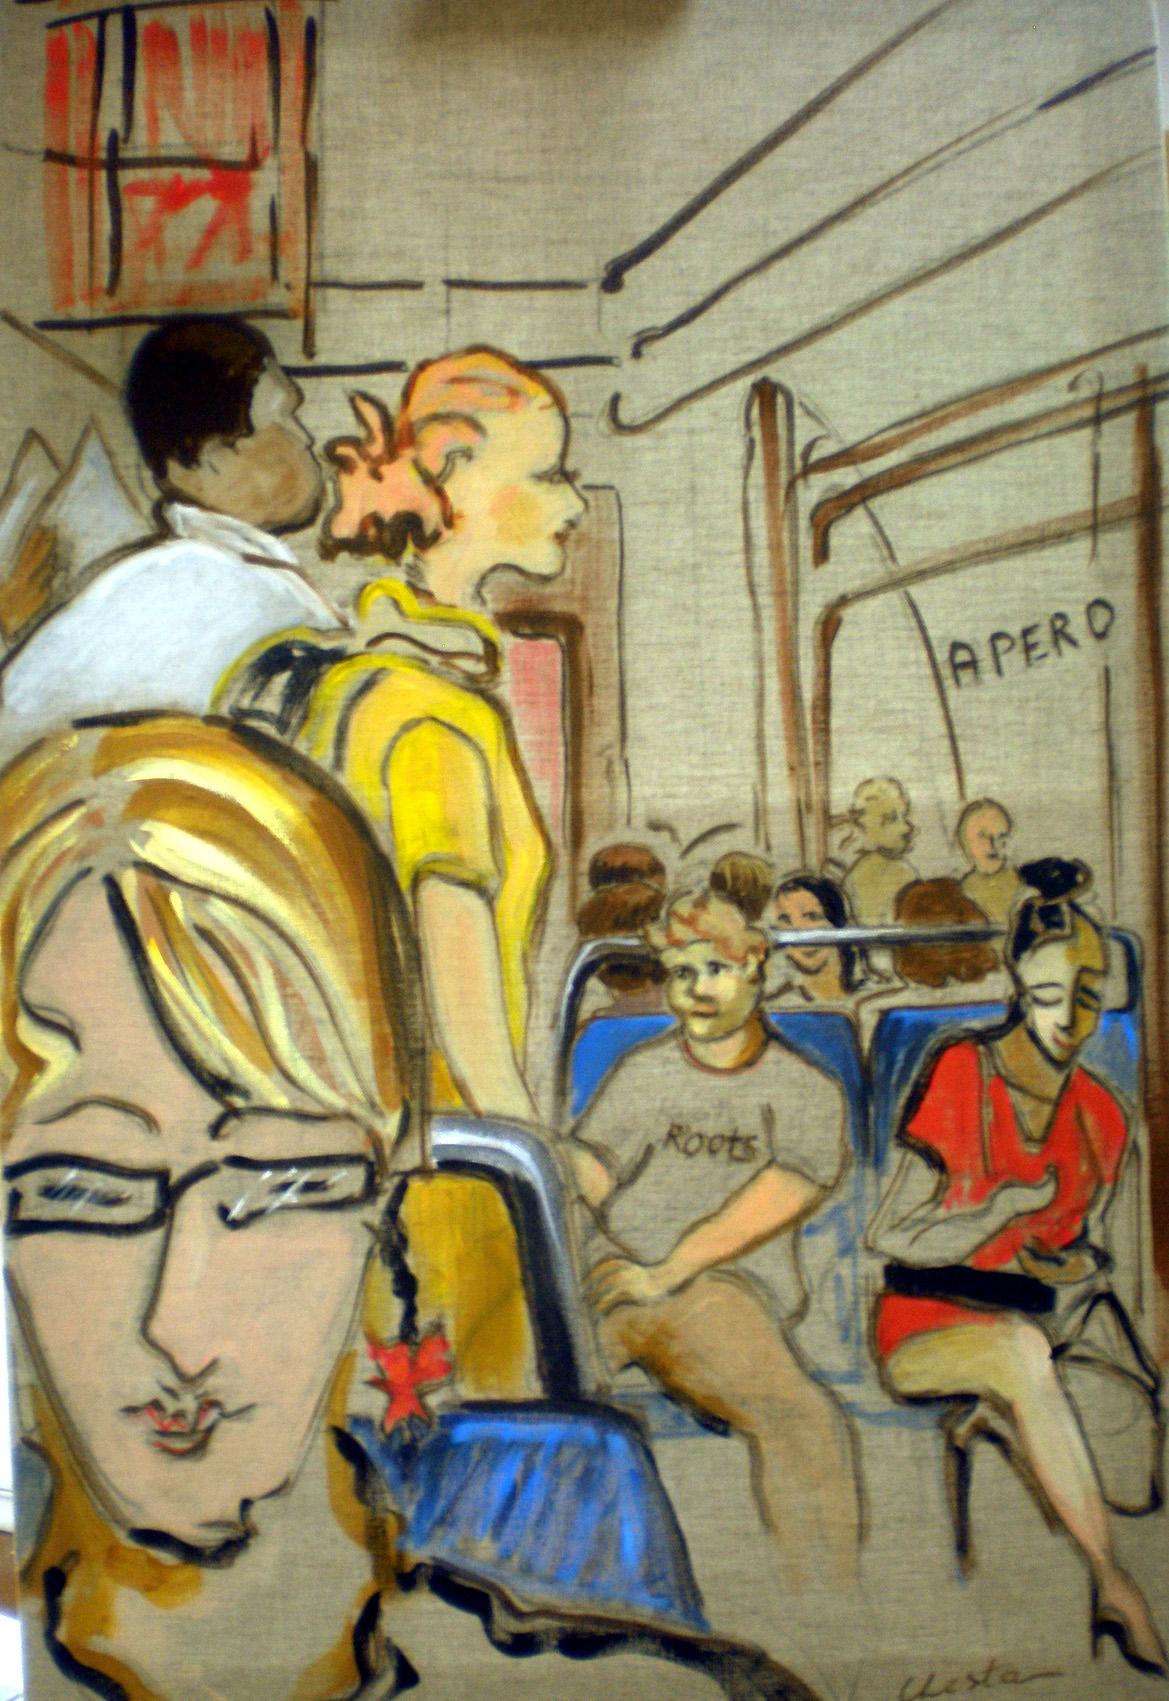 ujne nouvelle version du thème métro